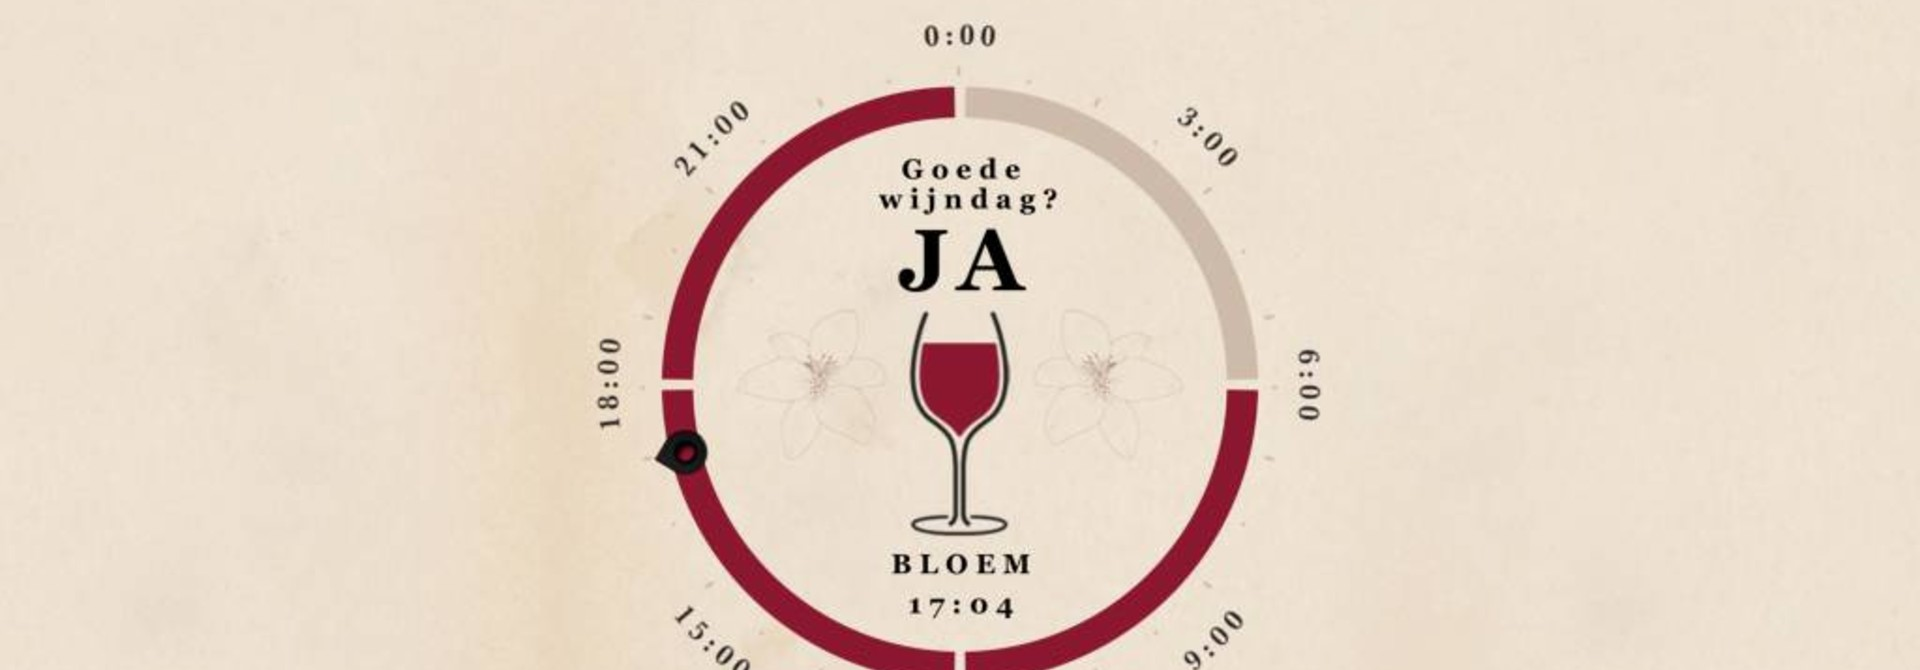 Beïnvloeden maan- en astrologische invloeden de smaak van wijn?